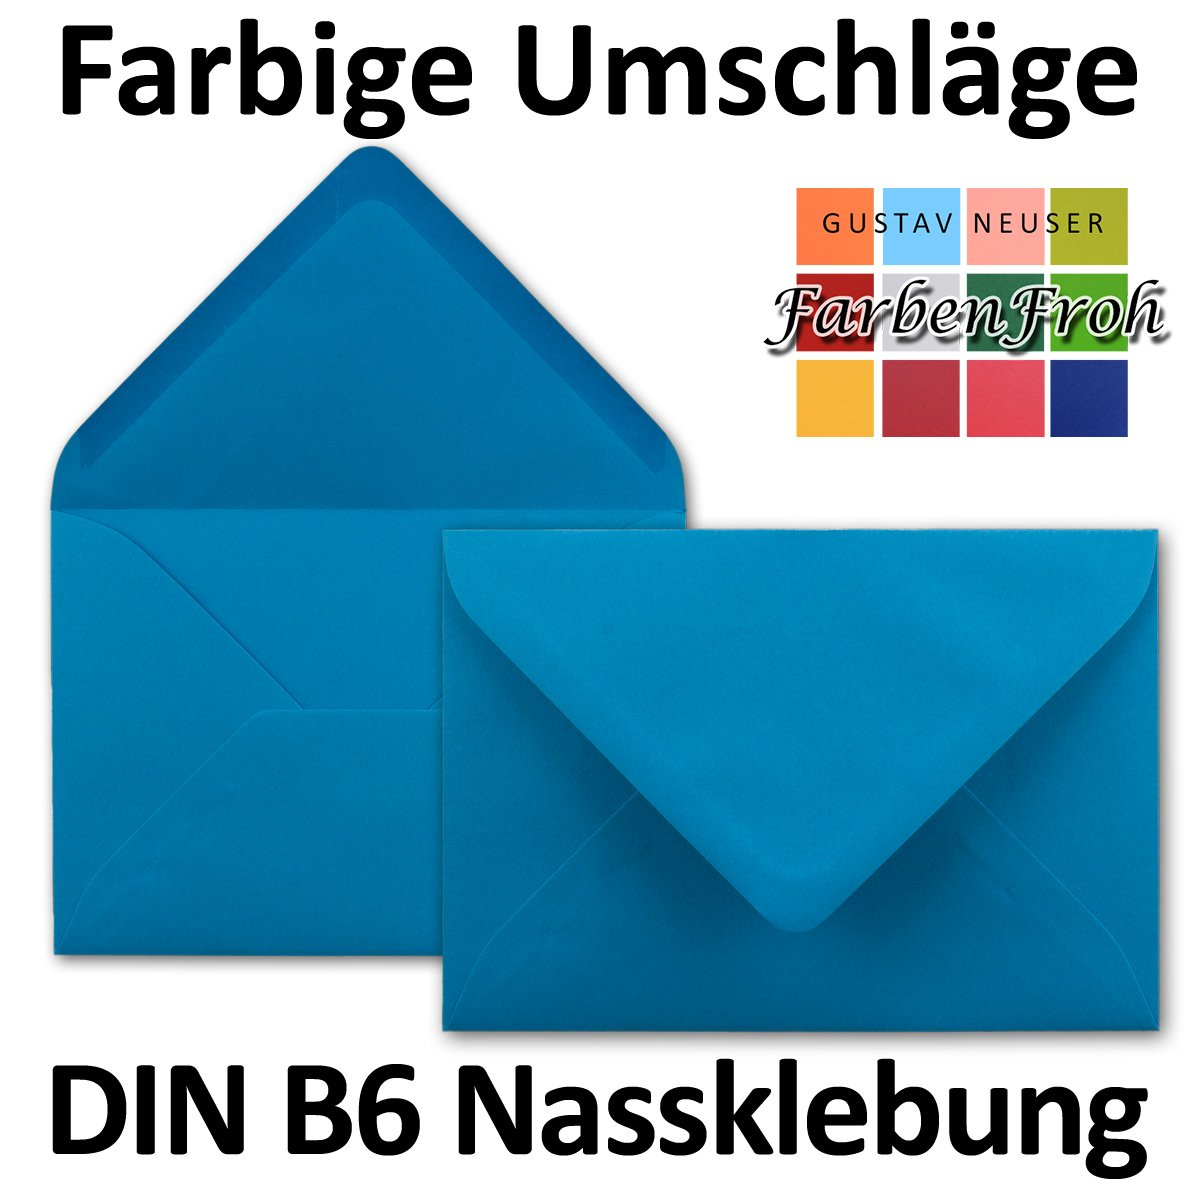 chiusura adesiva da inumidire 50 Umschl/äge azzurro Neuser dimensioni/175 x 125/mm Buste da lettere da 80 g//m/² in colori vivaci formato B6